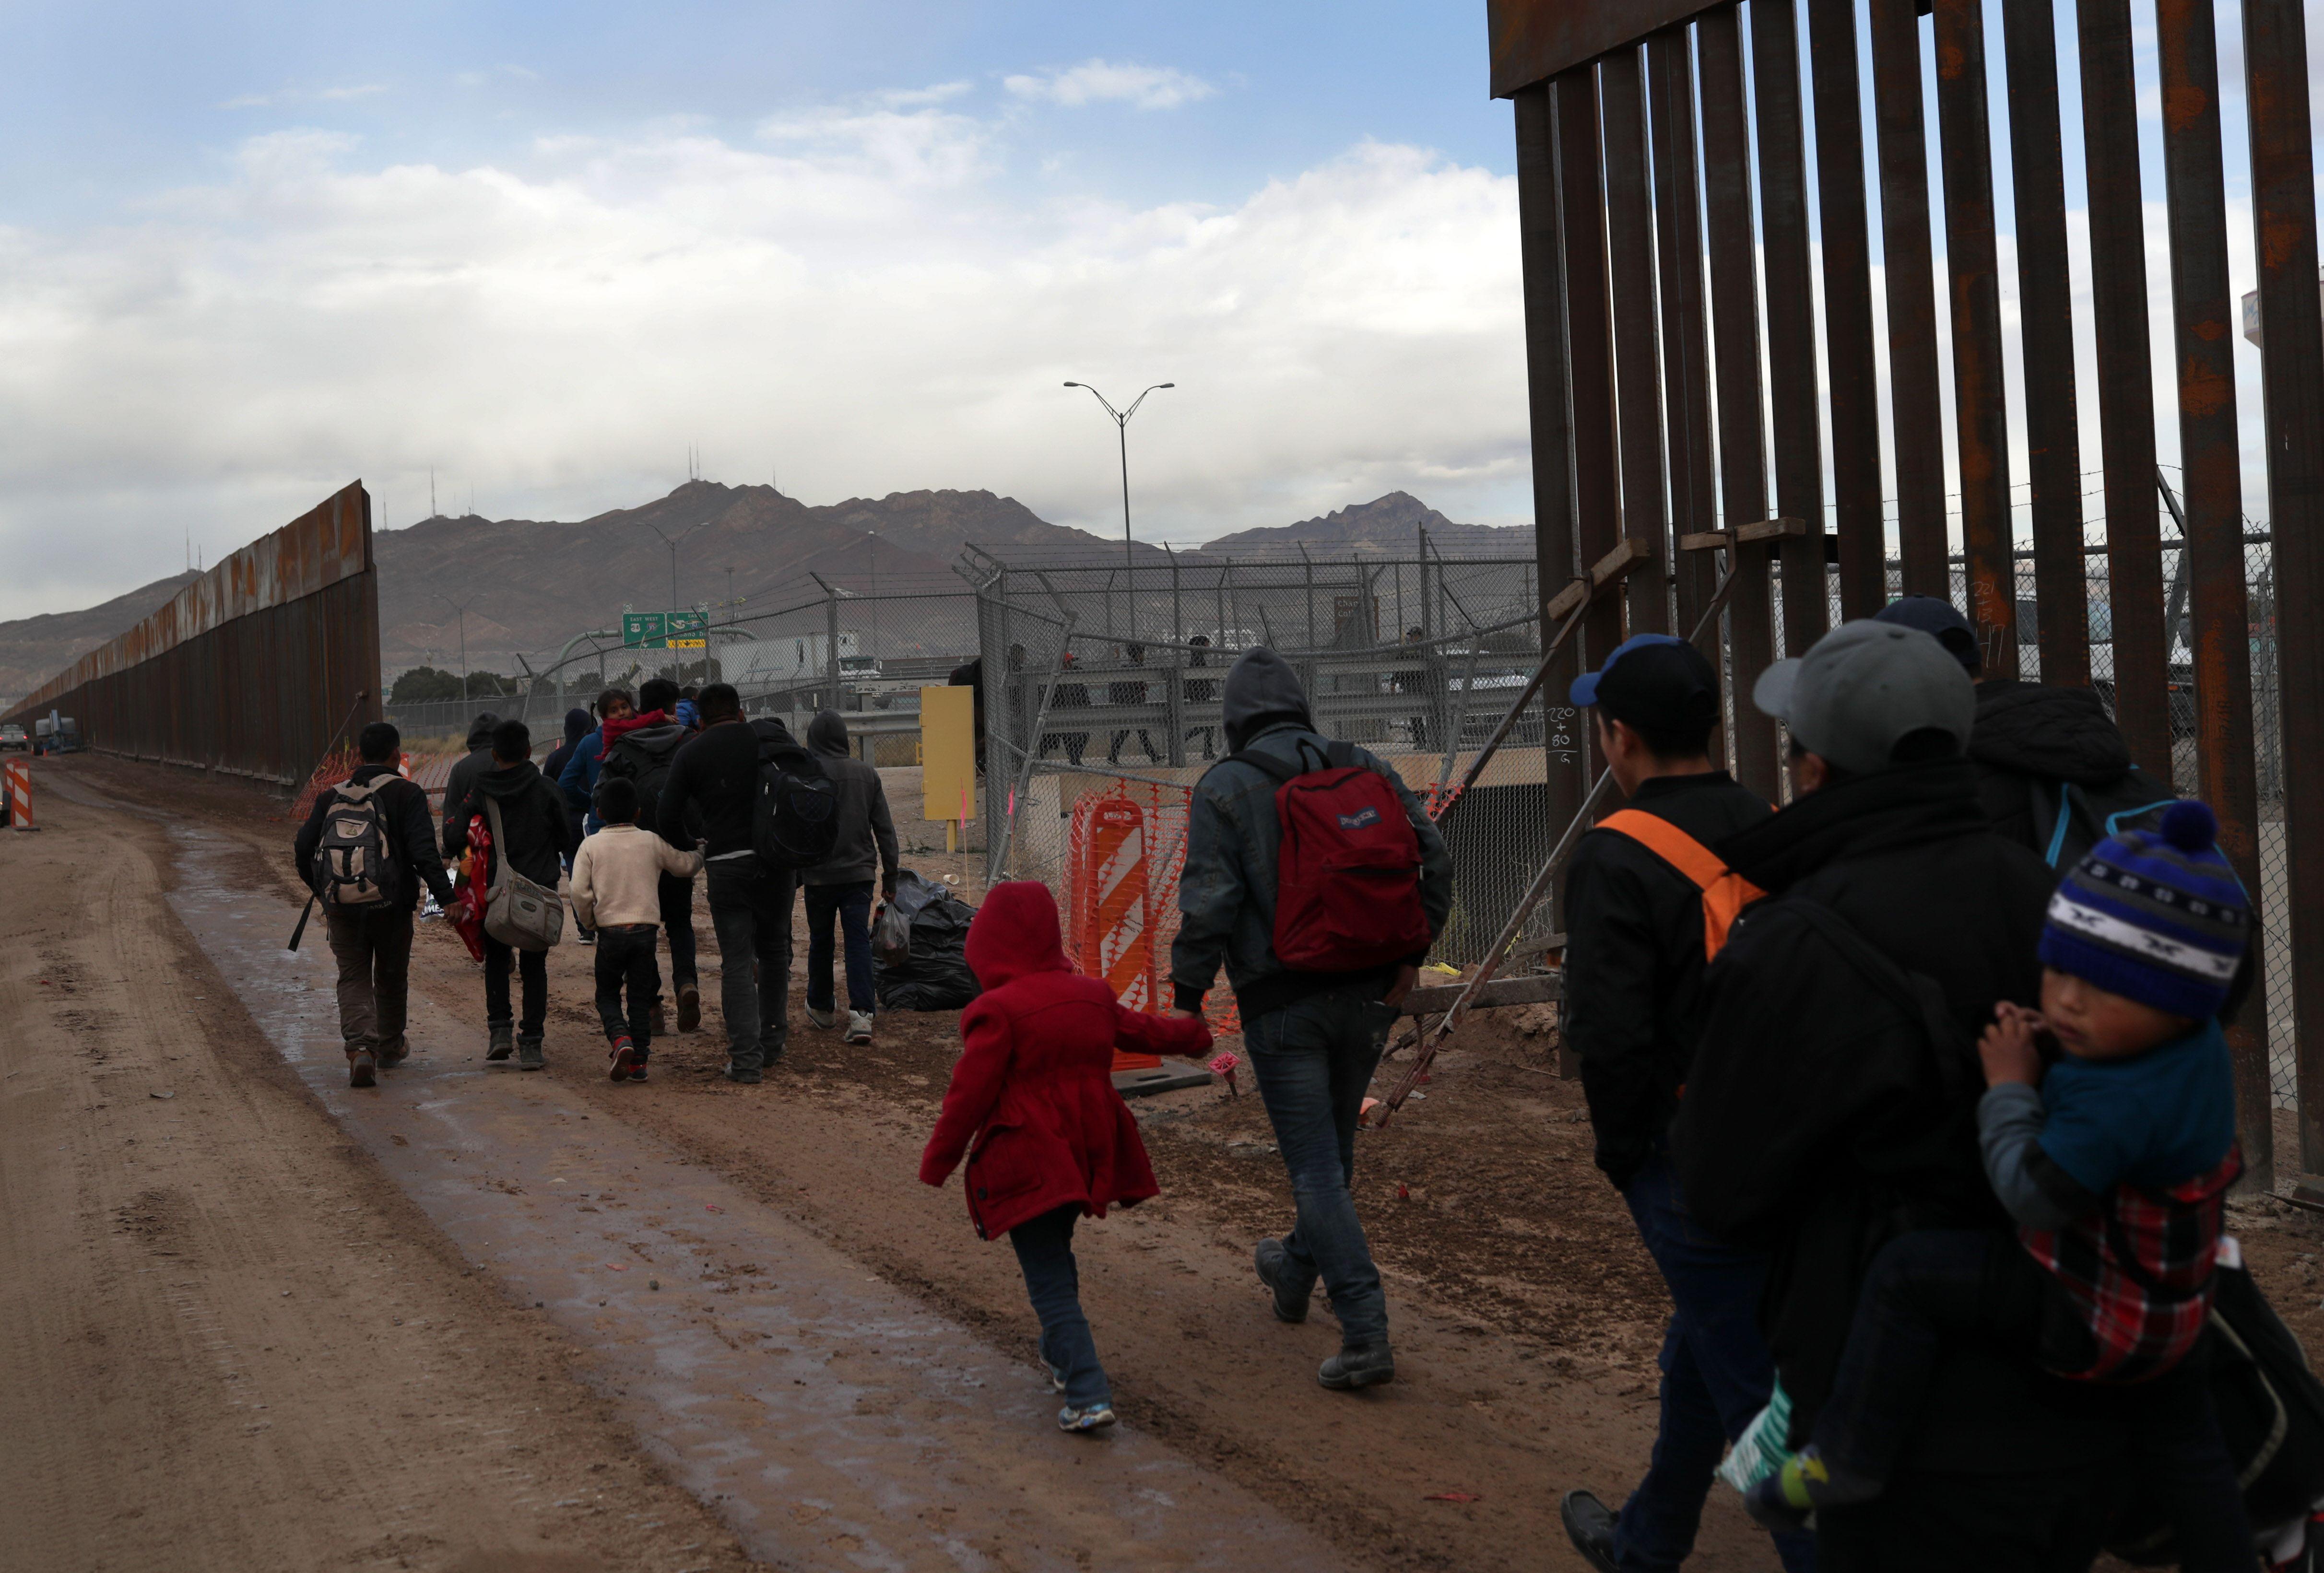 La caravana llegó a la frontera de El Paso, Texas, donde los migrantes solicitarán asilo. (Foto Prensa Libre. AFP)